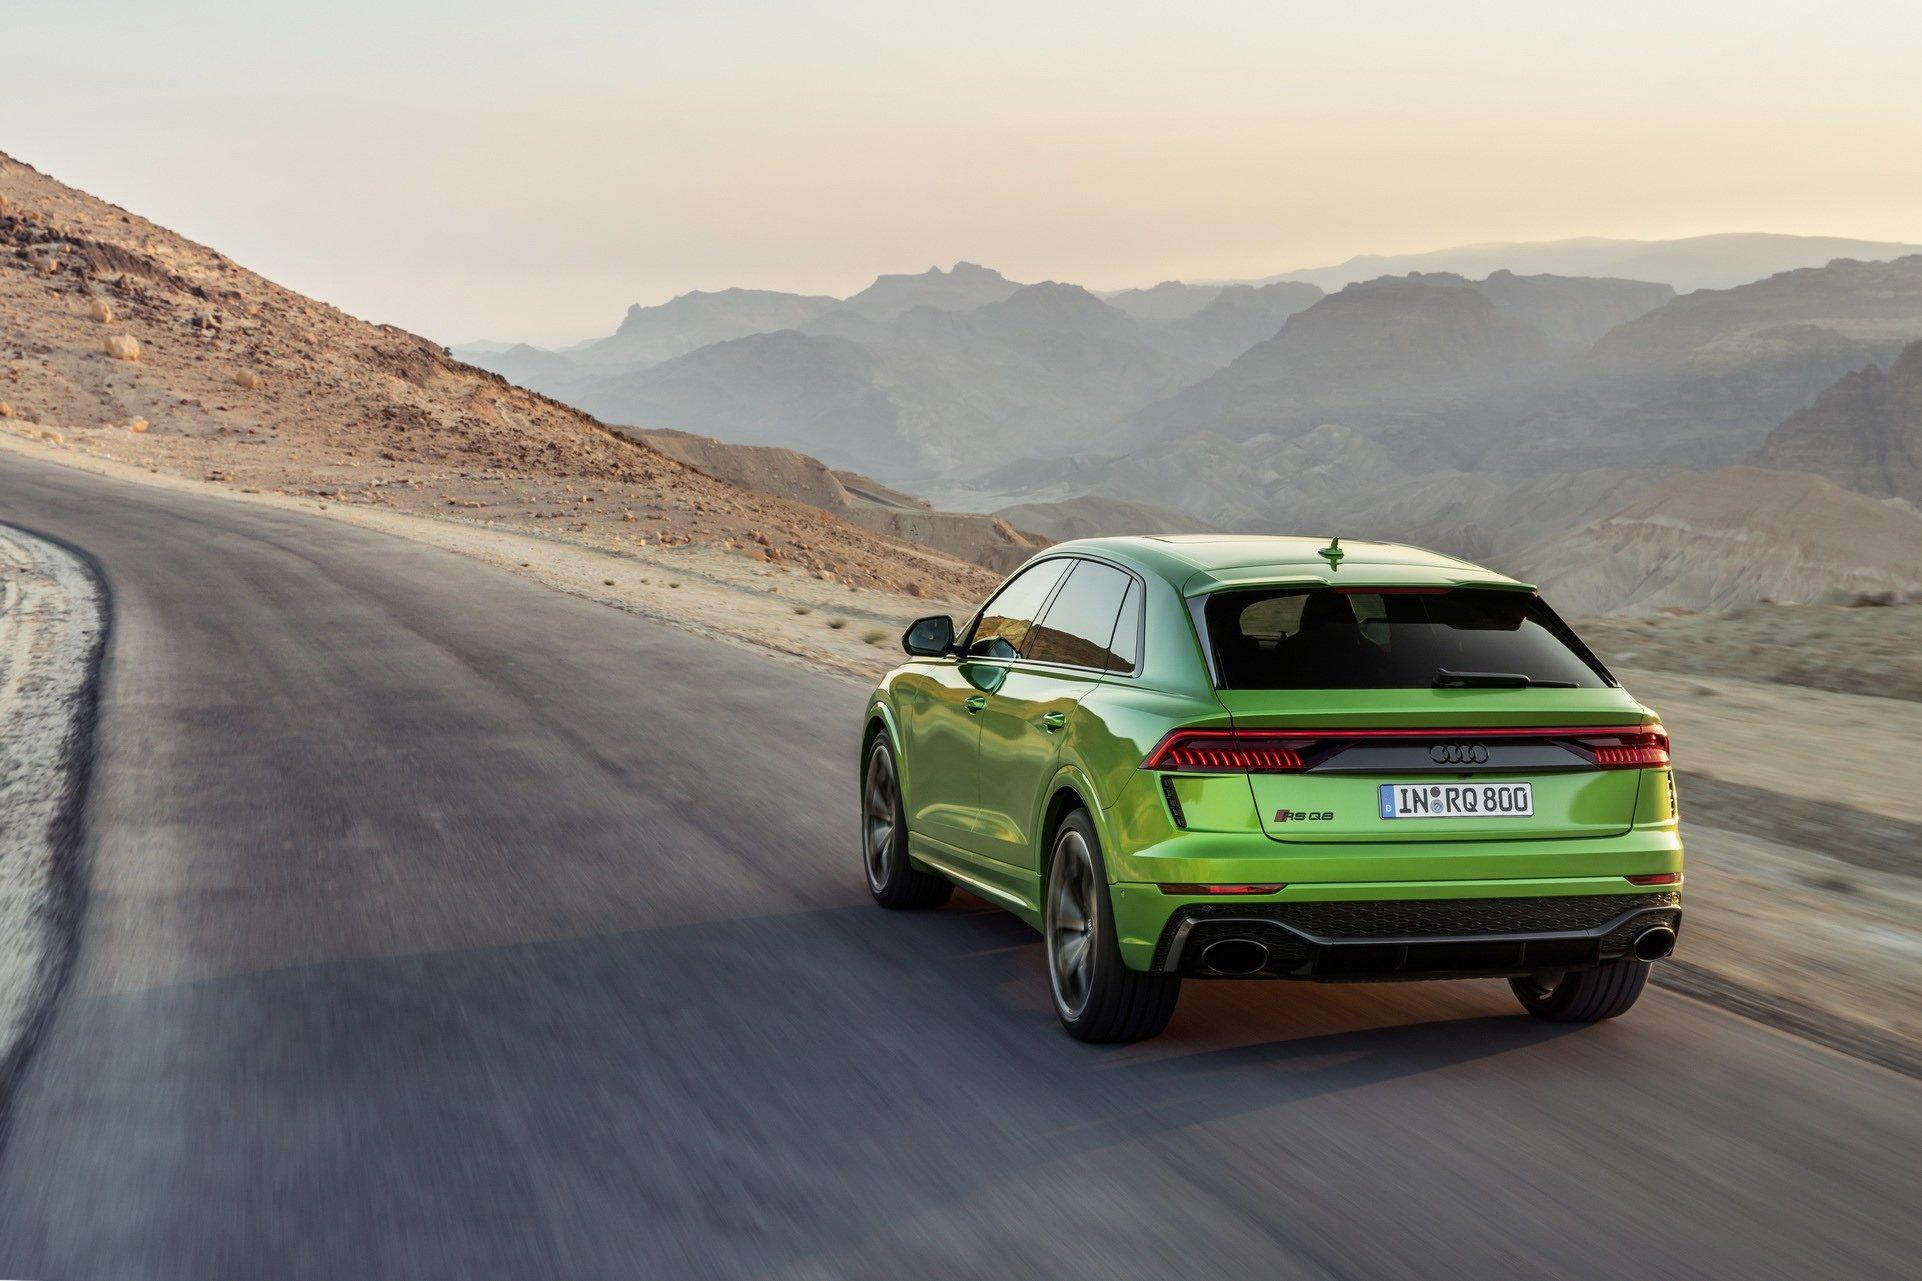 Новый кроссовер Audi удивил характеристиками как у суперкаров